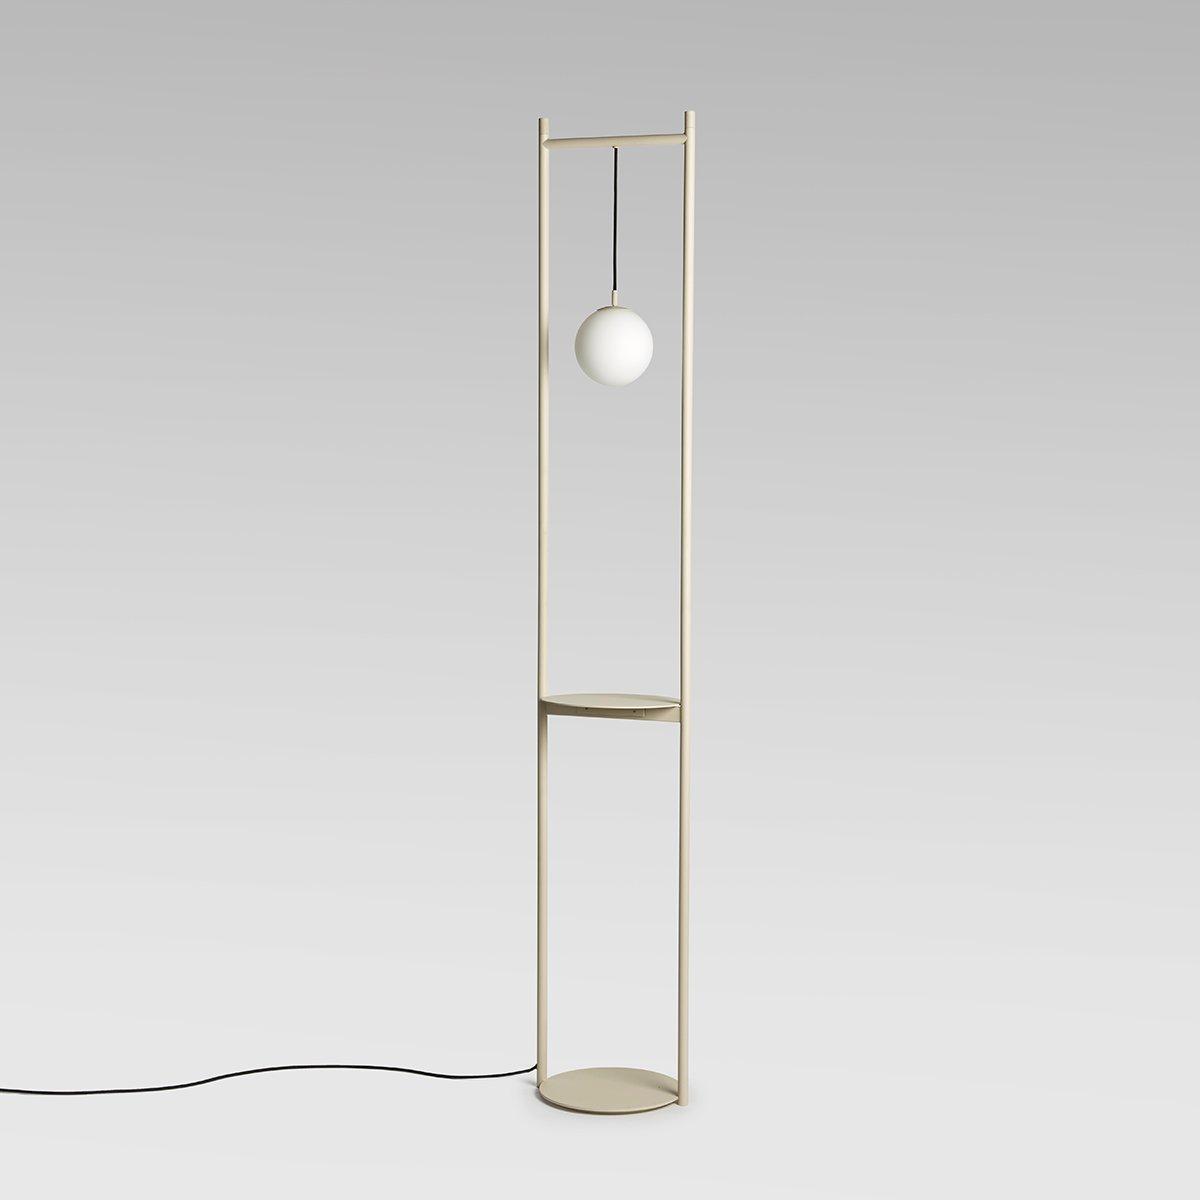 Heis Stehlampe in gebrochenem Weiß von Matteo F...